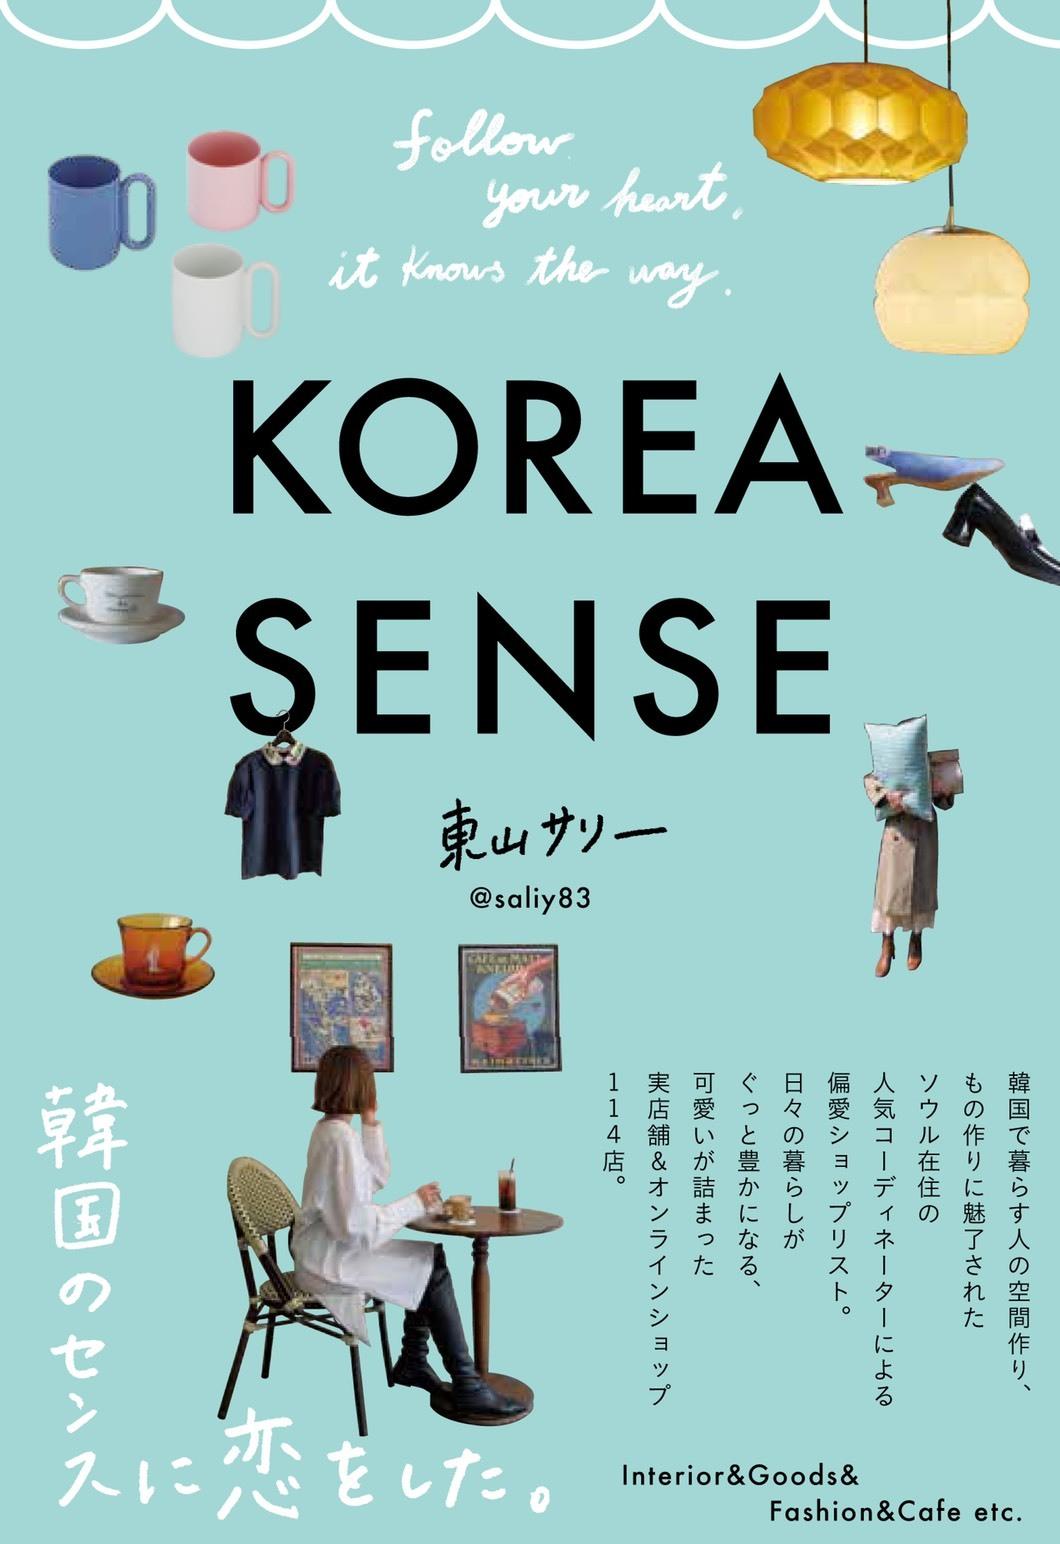 韓国スタイルのリアルが詰まった「KOREA SENSE」の著者に深掘り_1_6